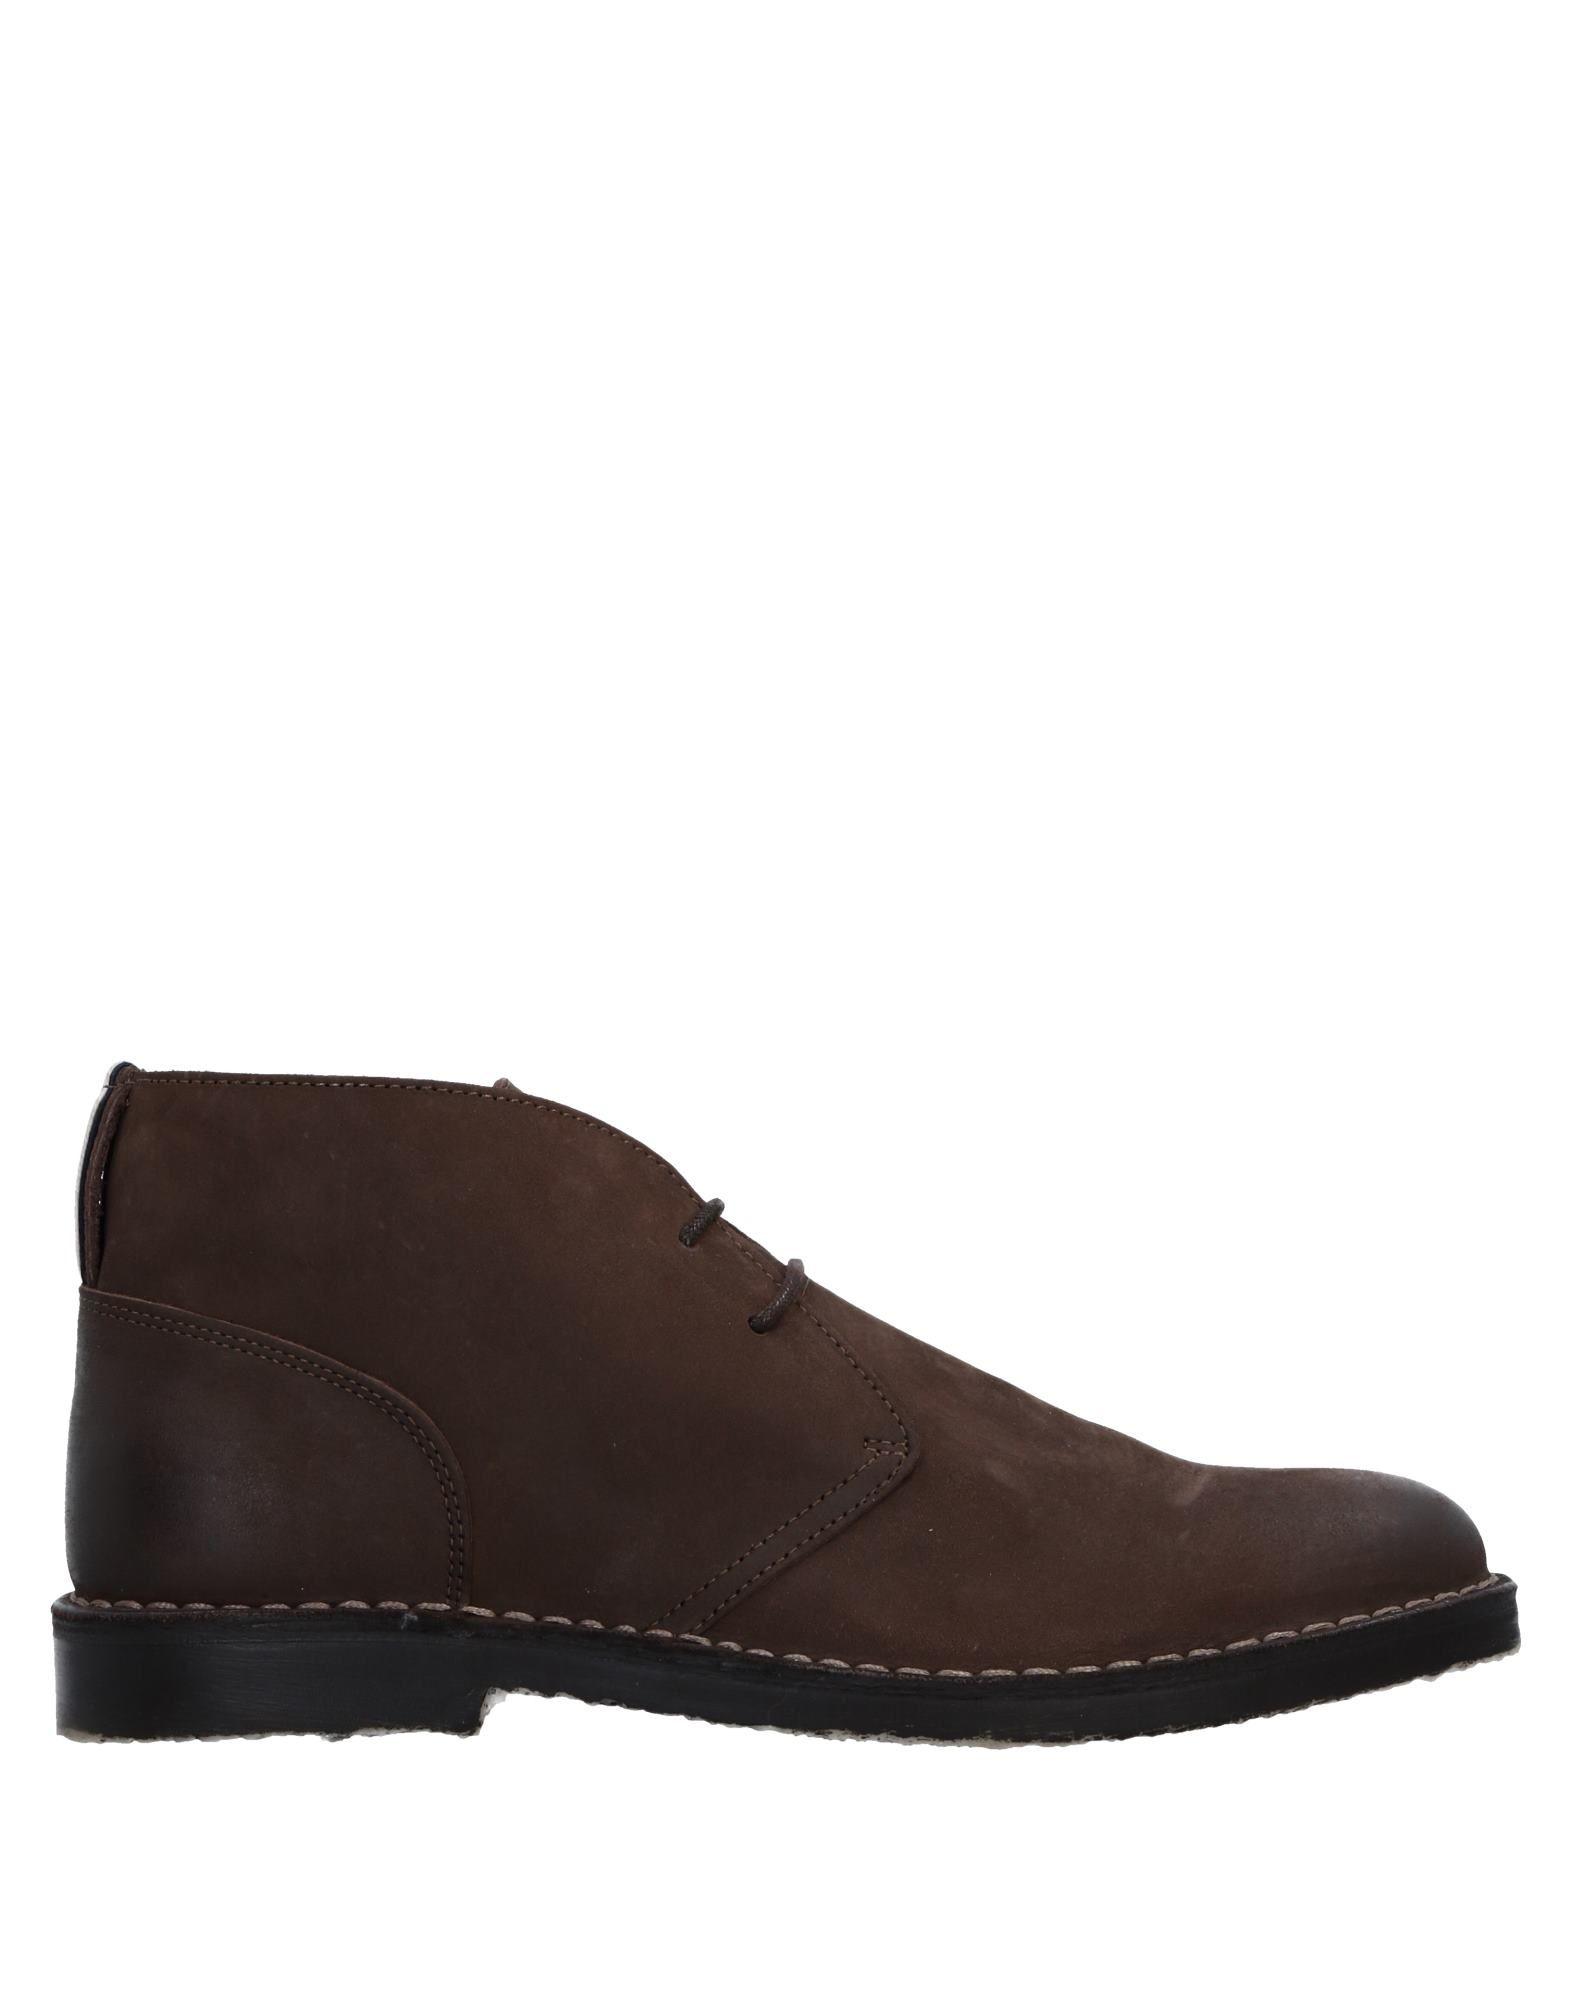 Rabatt echte Schuhe Marina Yachting Stiefelette Herren  11533075IW